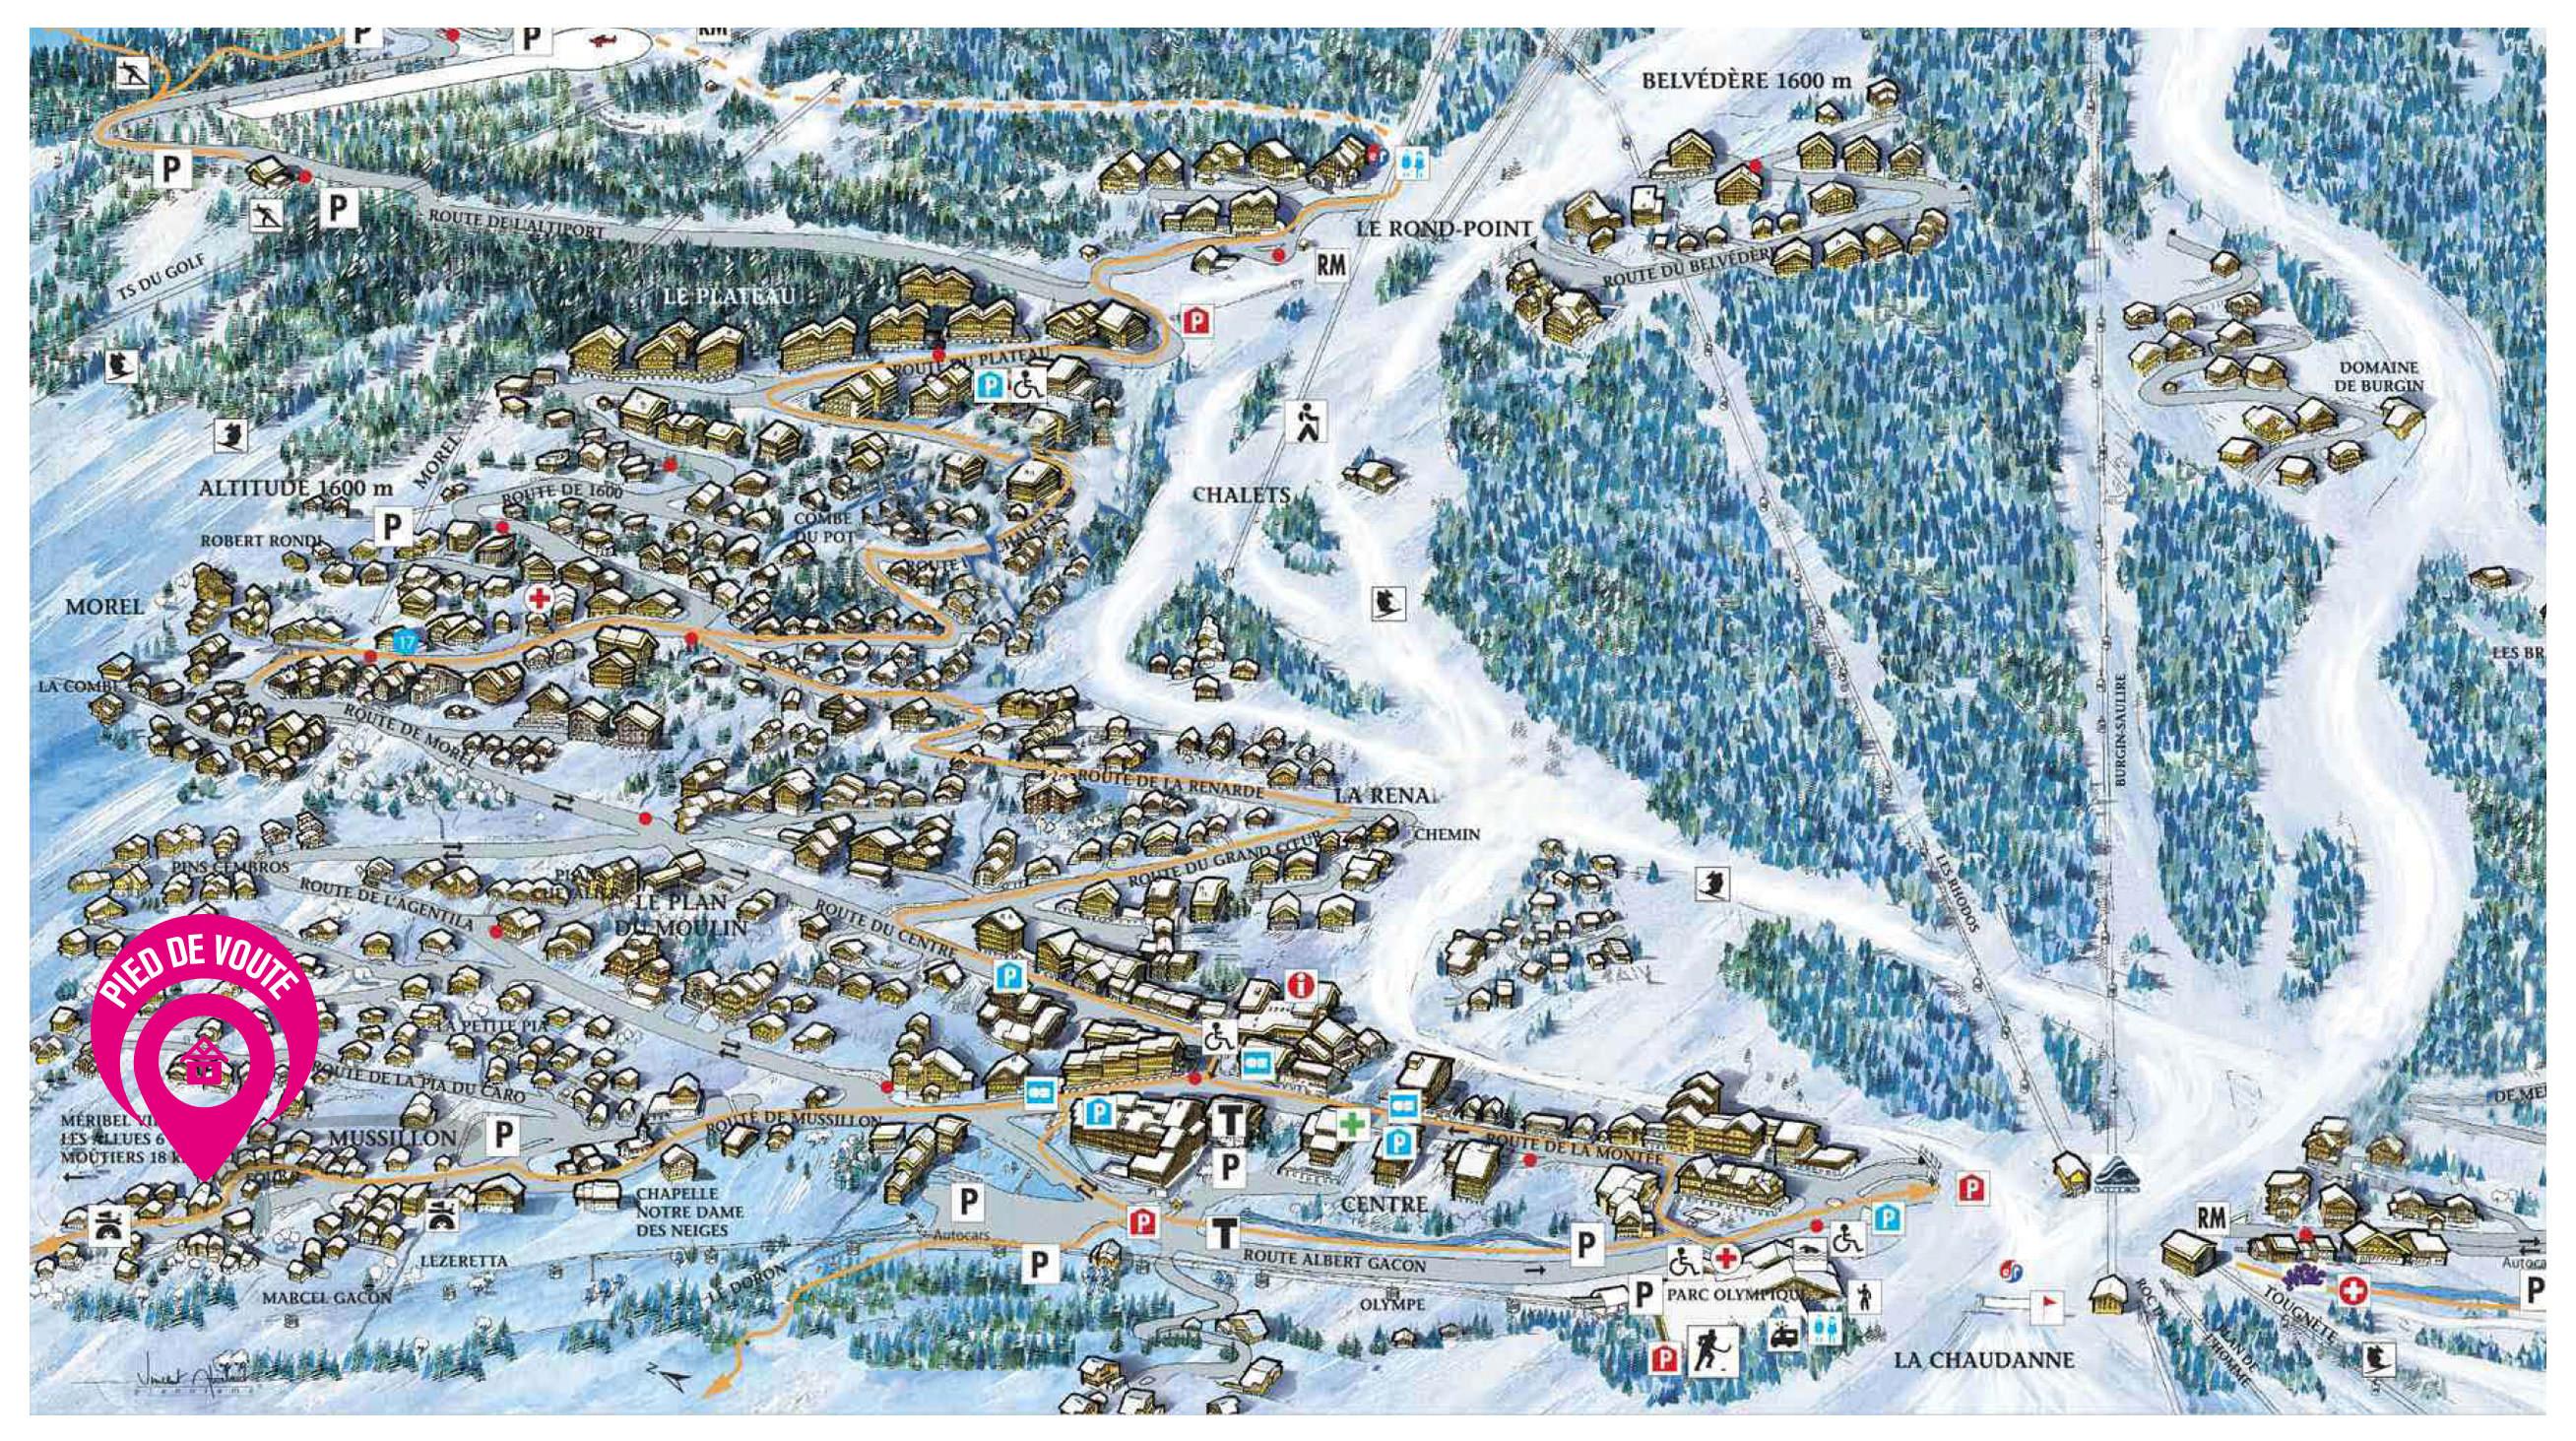 Map of Chalet Pied de Voute